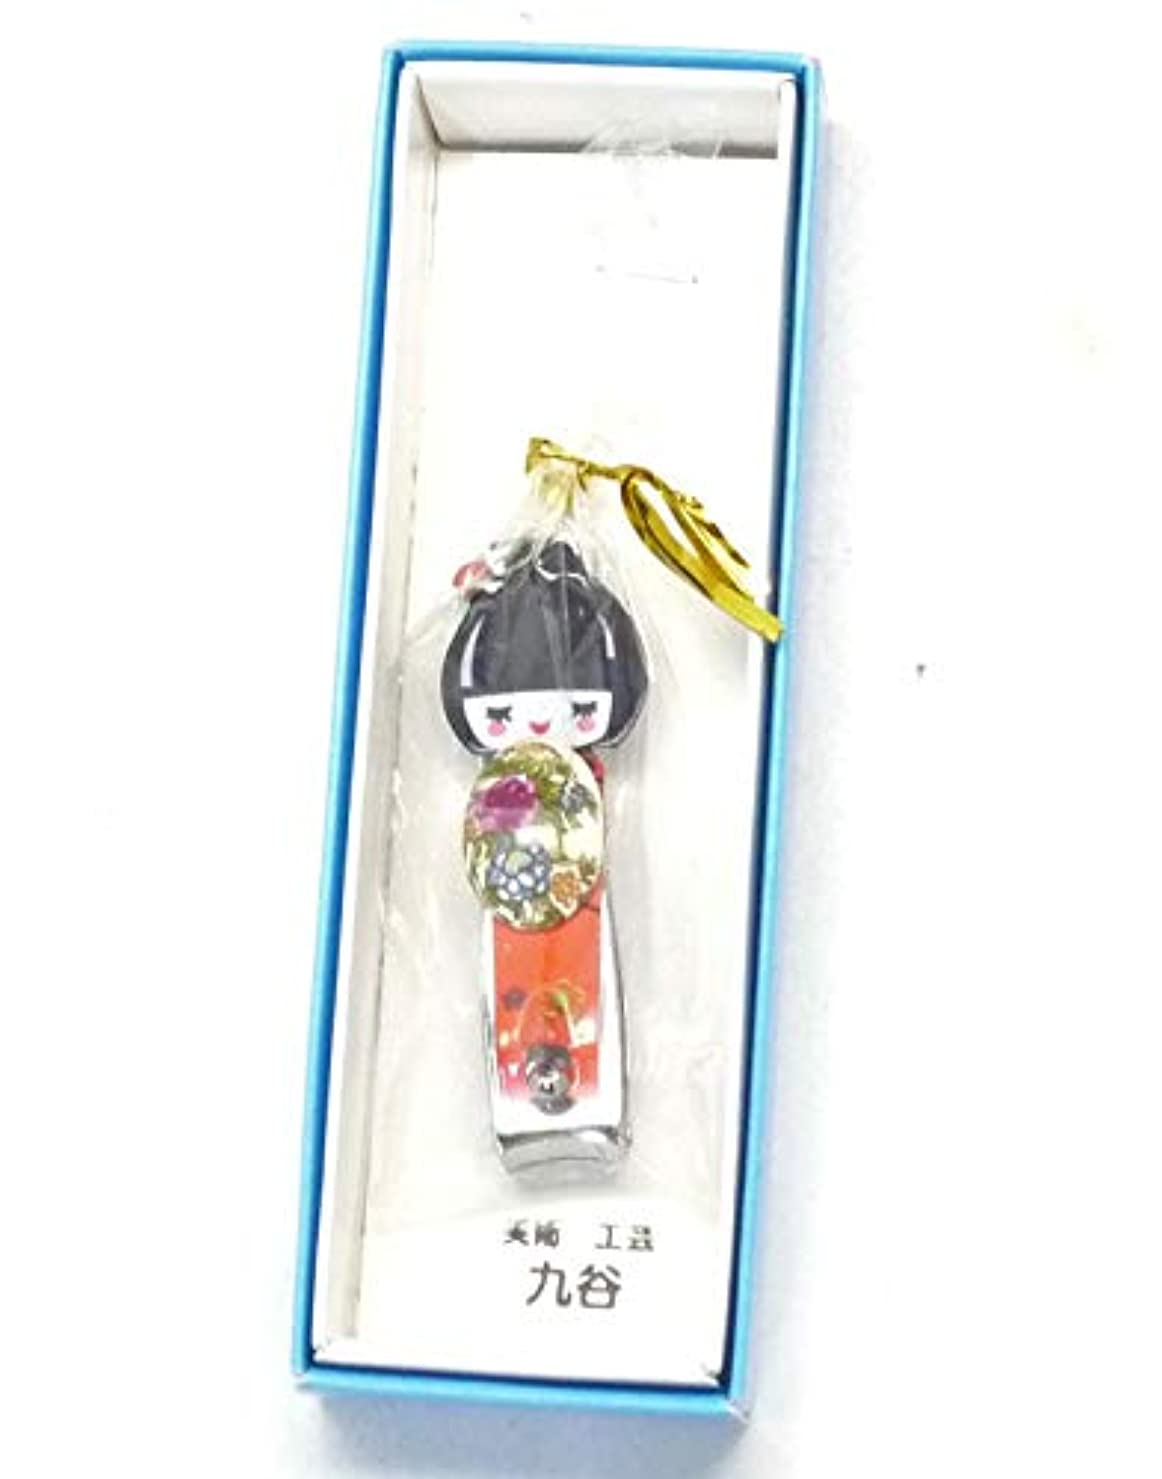 九谷焼『爪切り』お人形 赤系